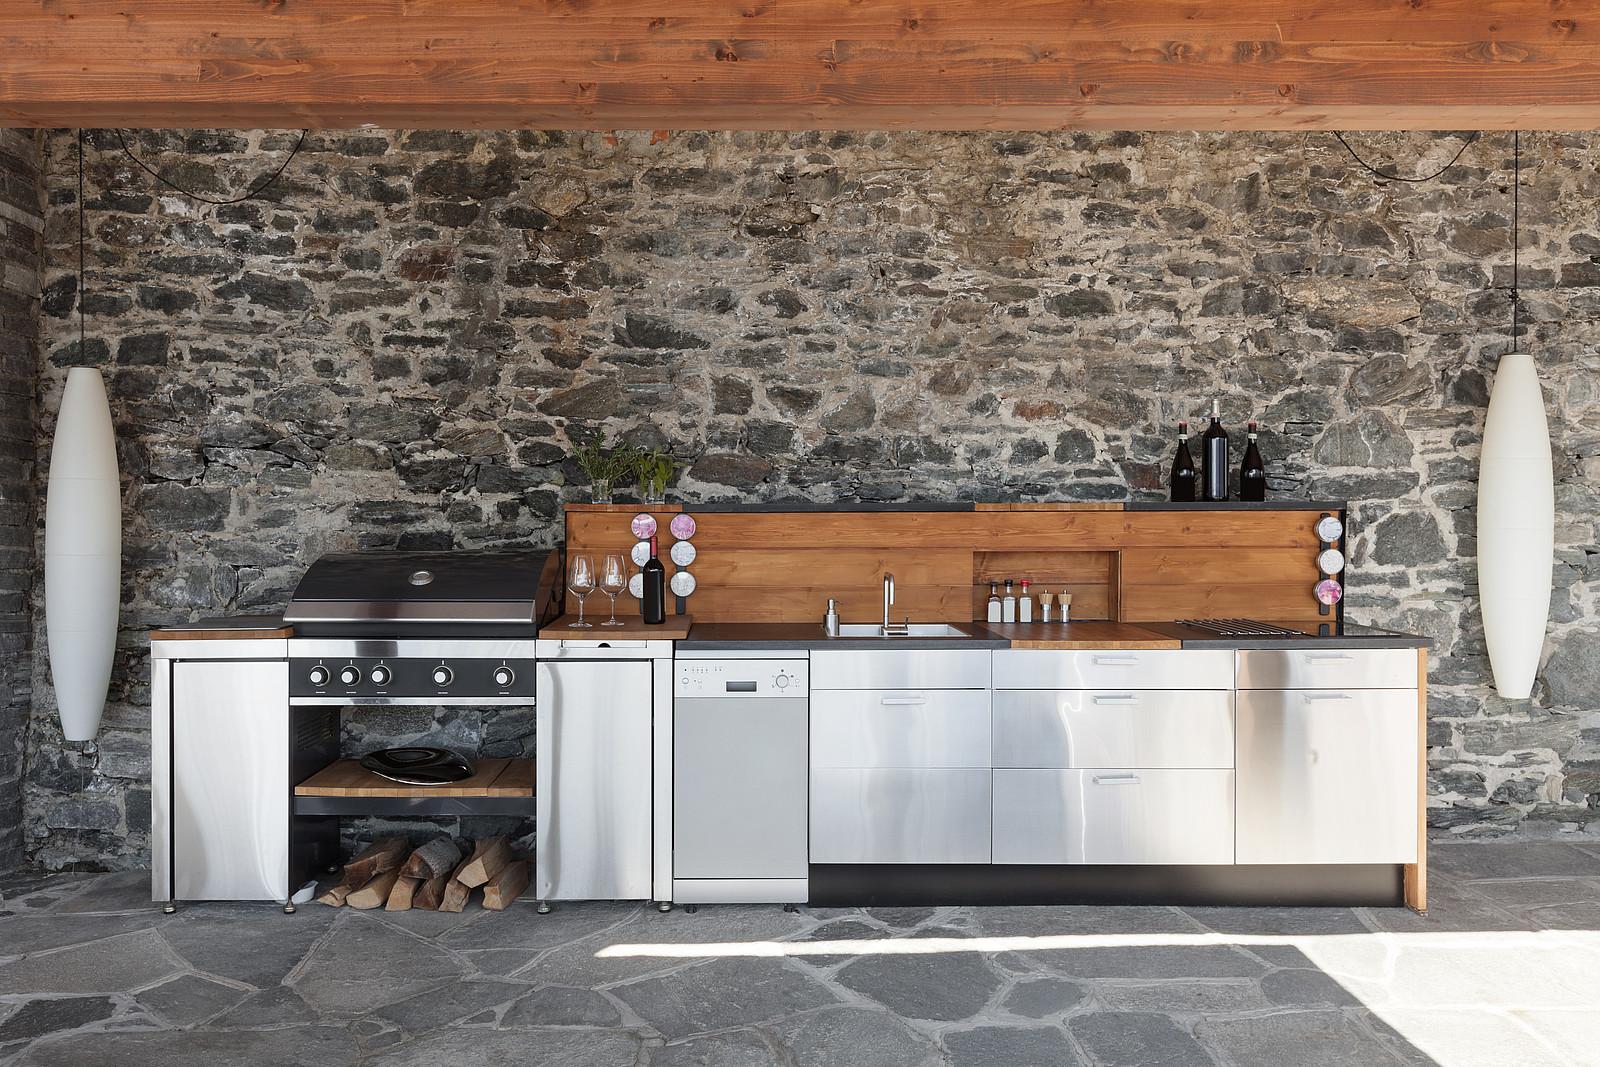 Full Size of Ikea Küche Zusammenstellen Online Vicco Küche Zusammenstellen Outdoor Küche Zusammenstellen Unterschrank Küche Zusammenstellen Küche Küche Zusammenstellen